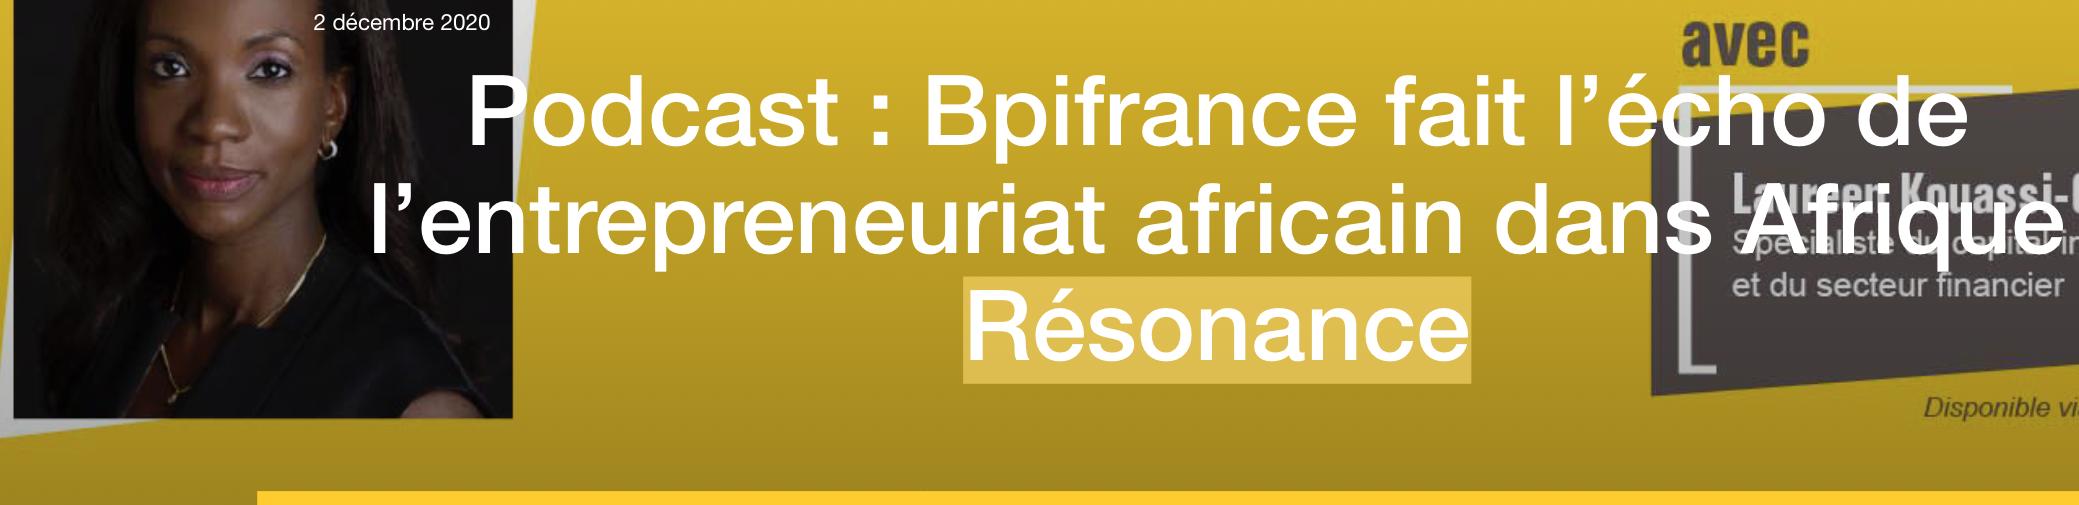 Podcast Afrique Résonnance : Mossadeck Bally, Fondateur et Président Directeur Général du Groupe Azalaï Hotels